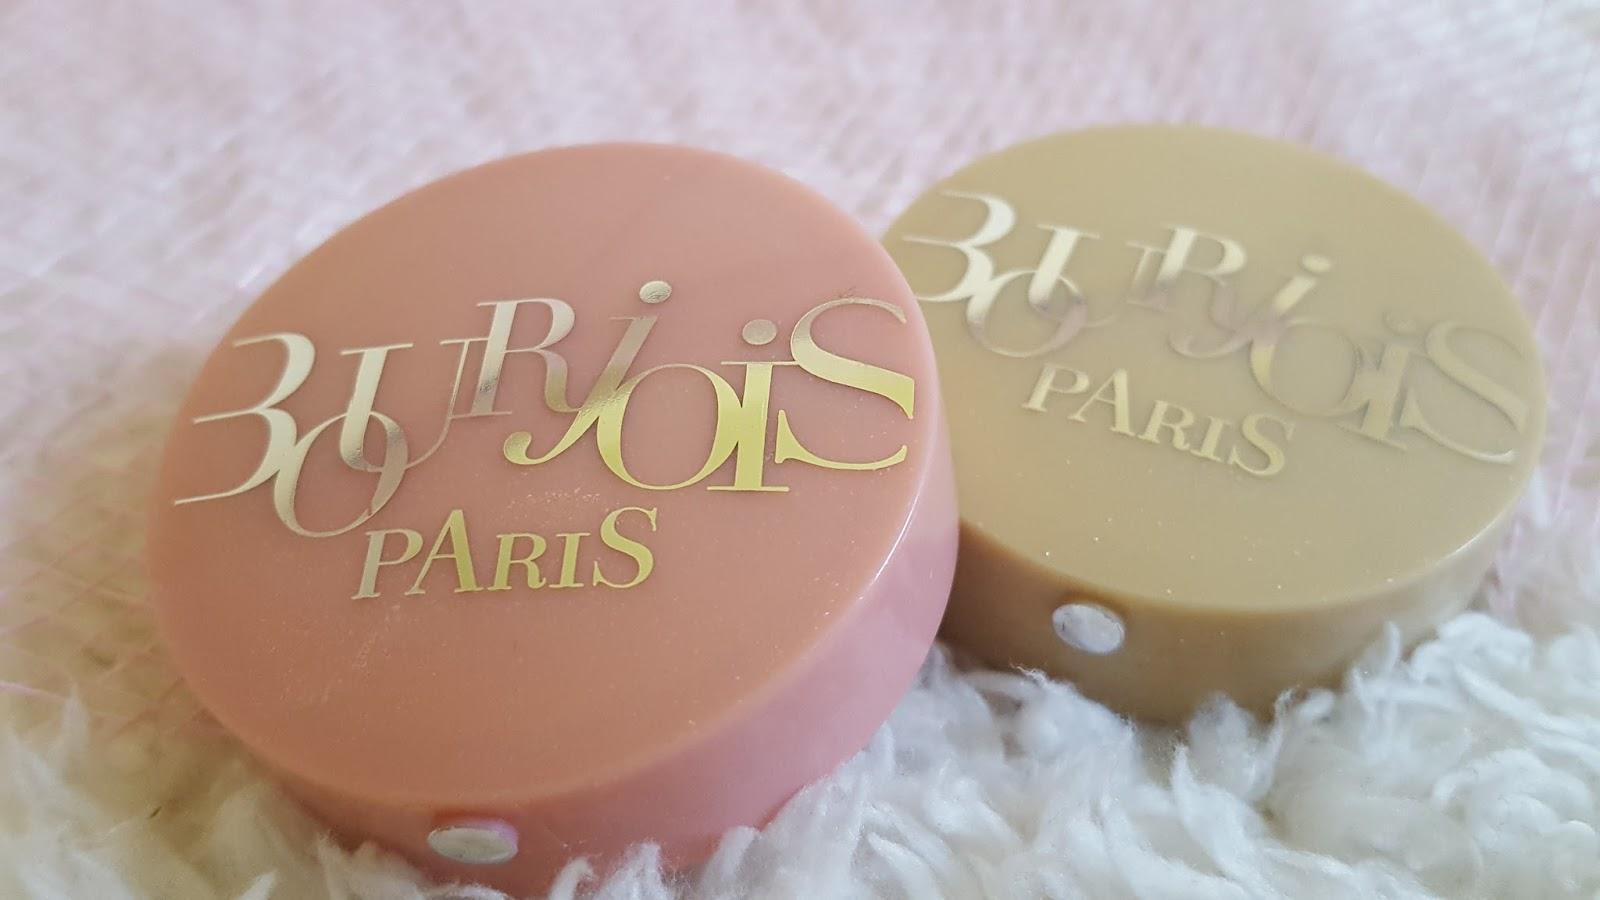 Bourjois Paris / cienie mgiełki do powiek